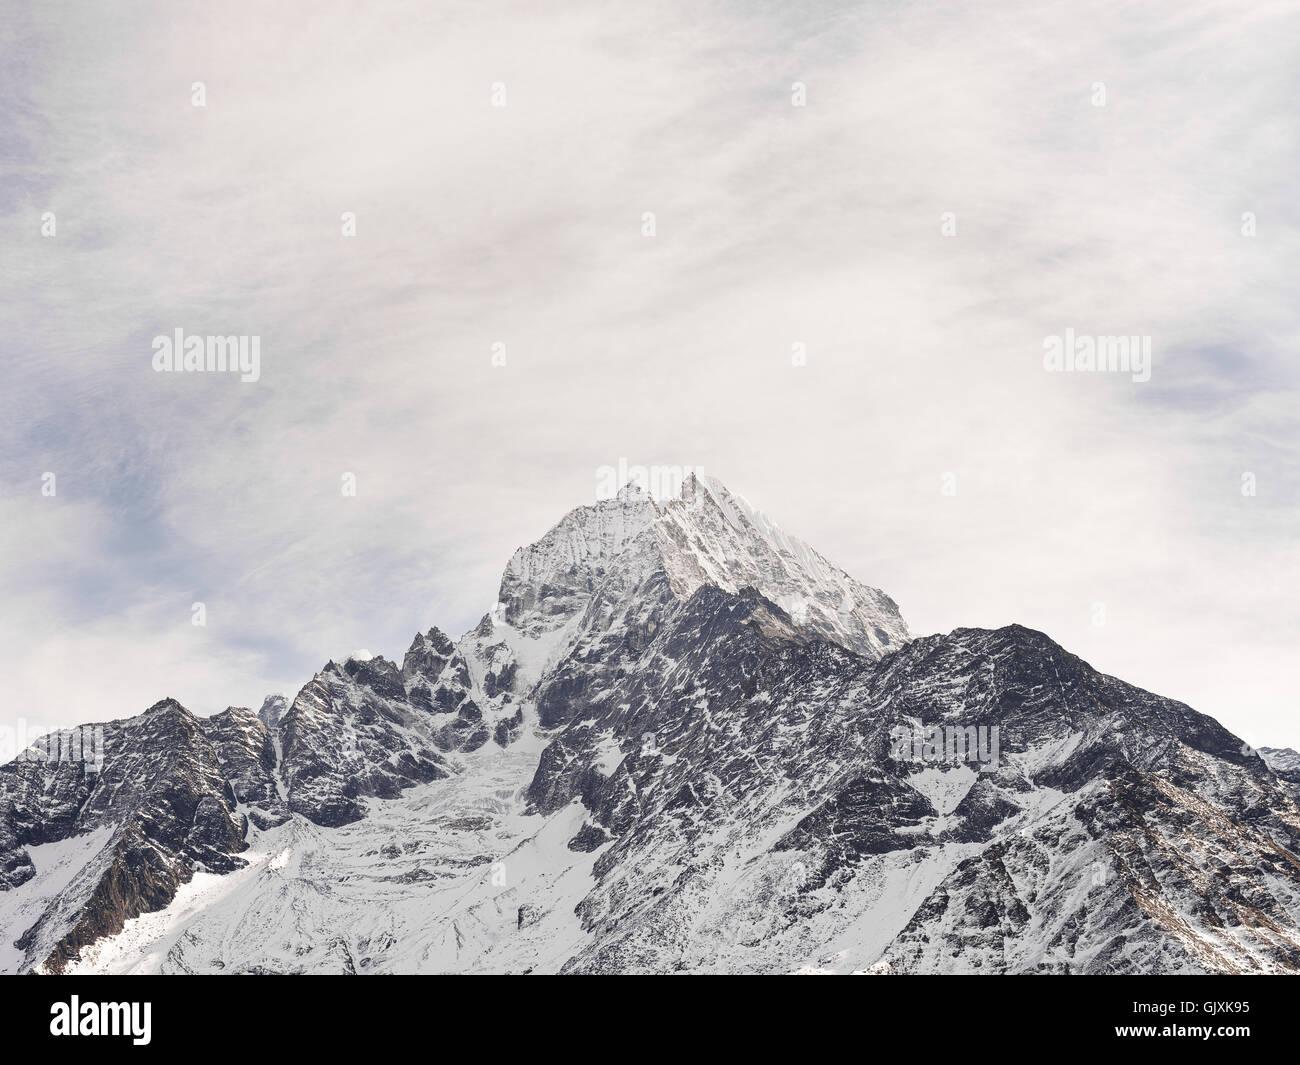 La neige a couvert d'une crête de montagnes de l'Himalaya au Népal déchiquetées, Camp Photo Stock